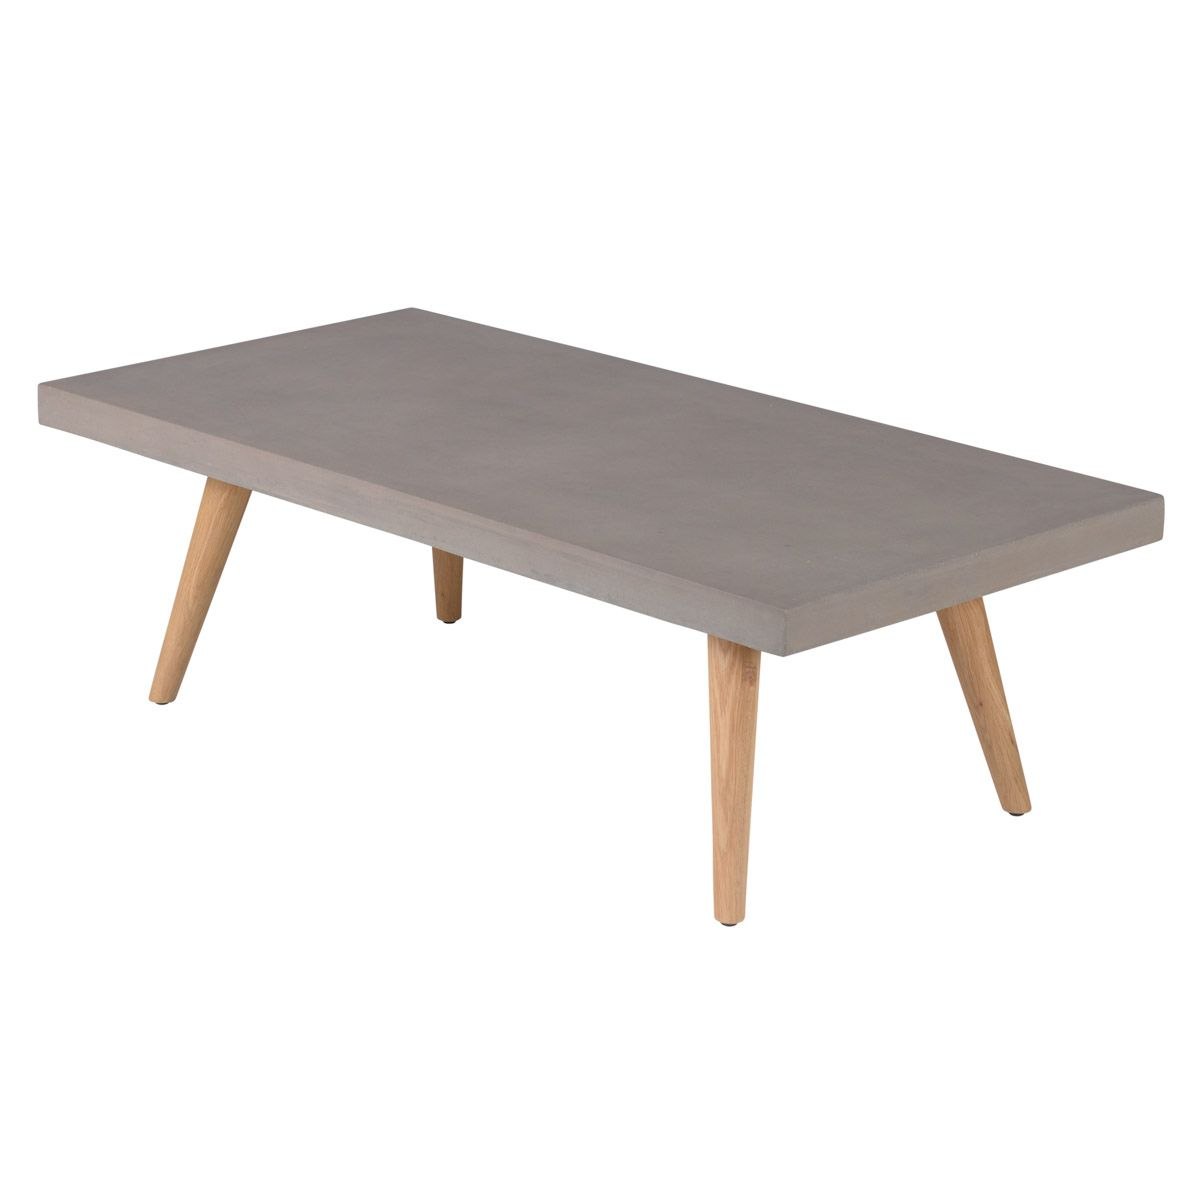 Table basse rectangulaire 120 cm en béton